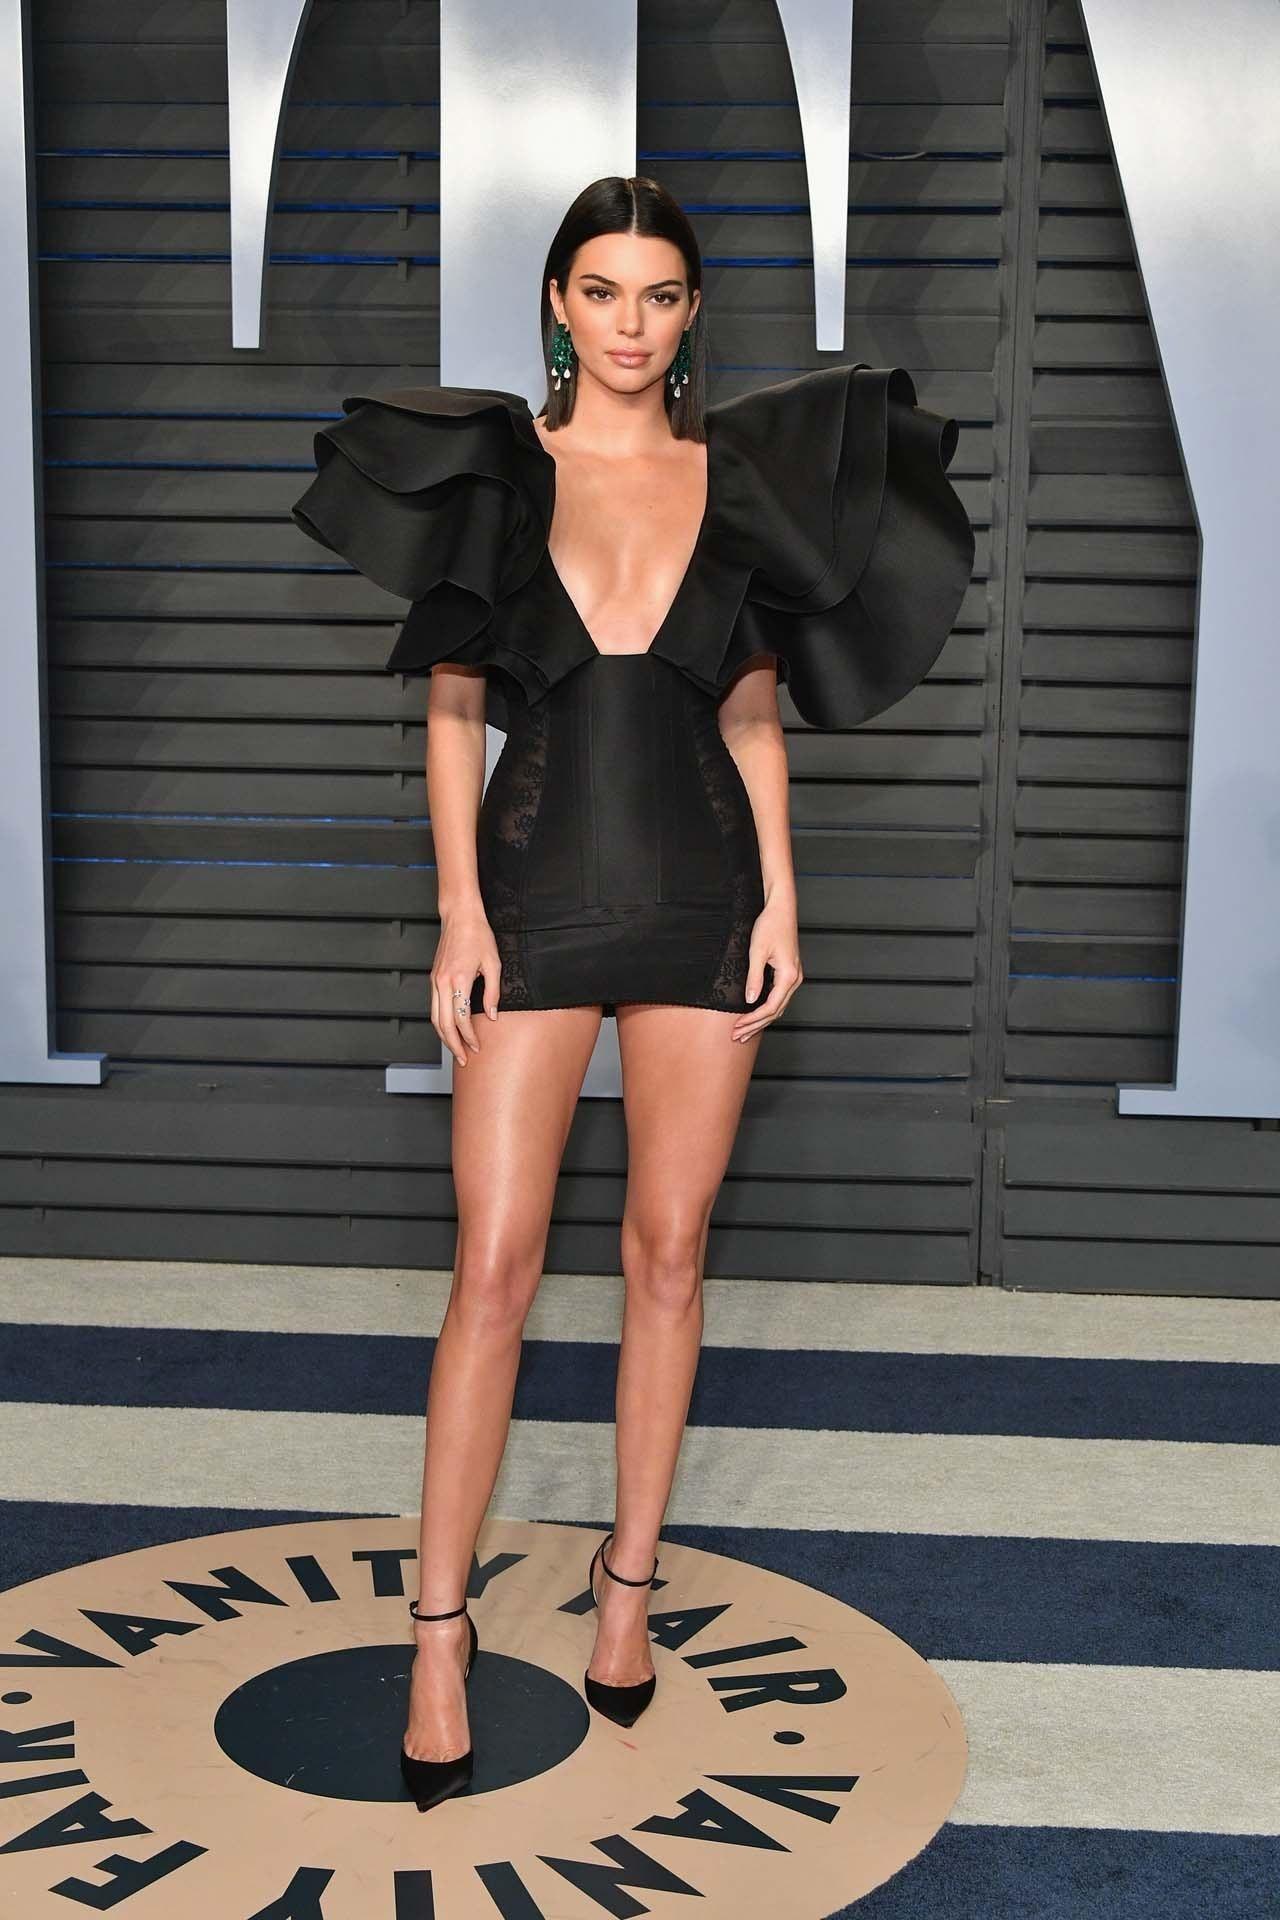 Kendall Jenner mặc váy đen và dùng mẹo đi giày cao gót